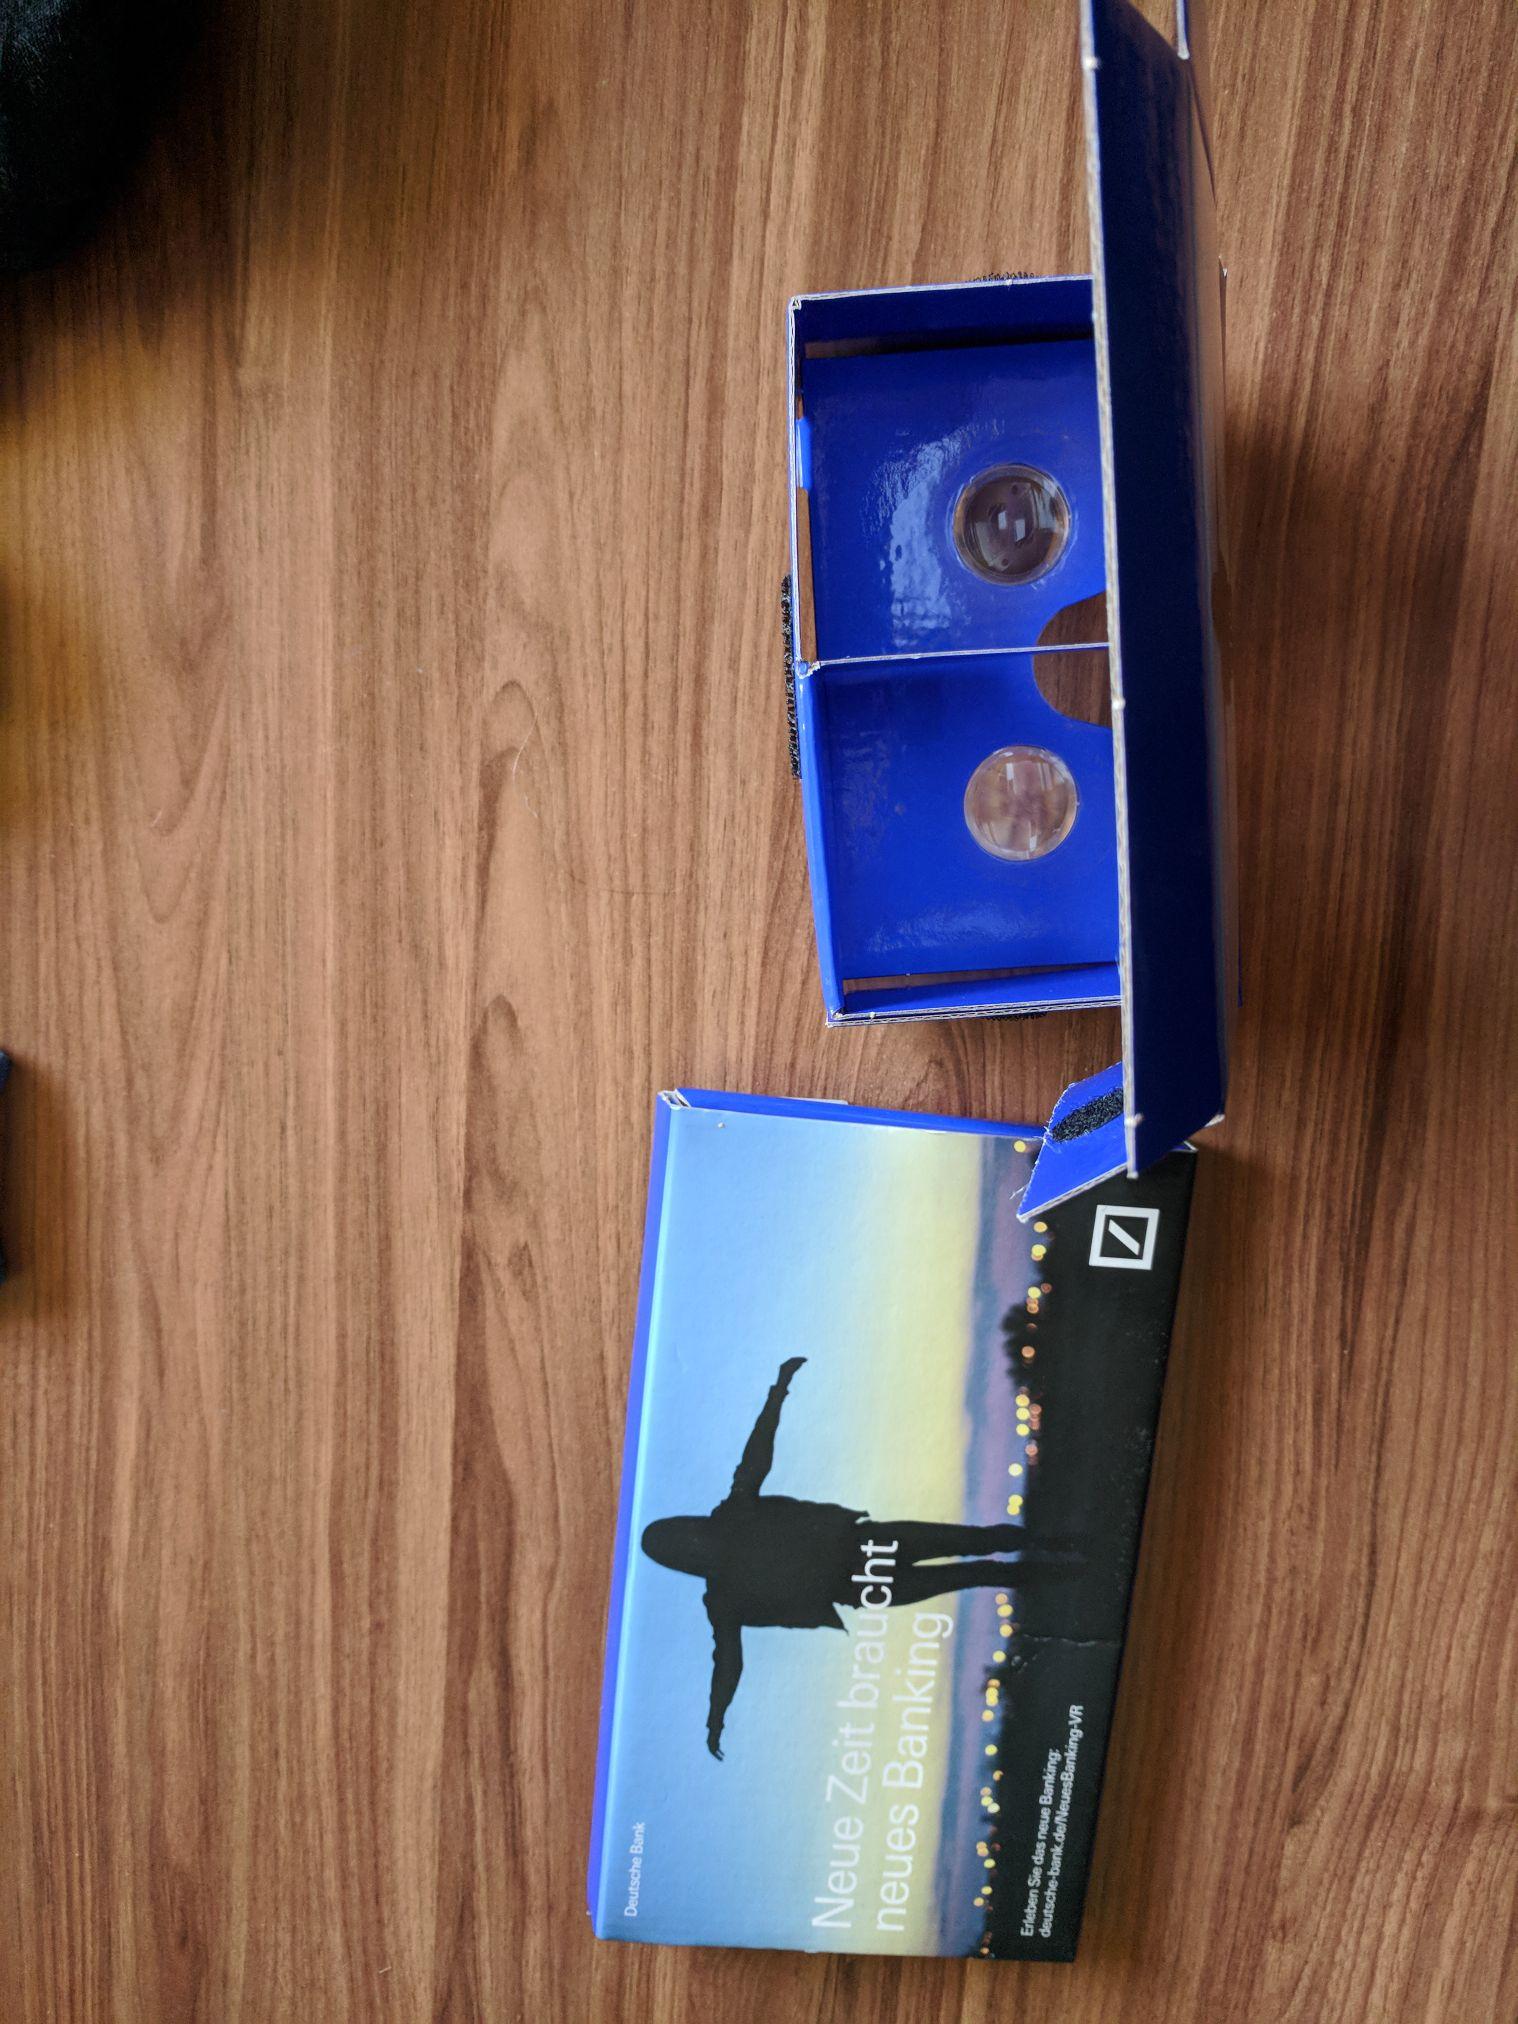 Kostenlose Cardboard-VR Brille [Deutsche Bank]